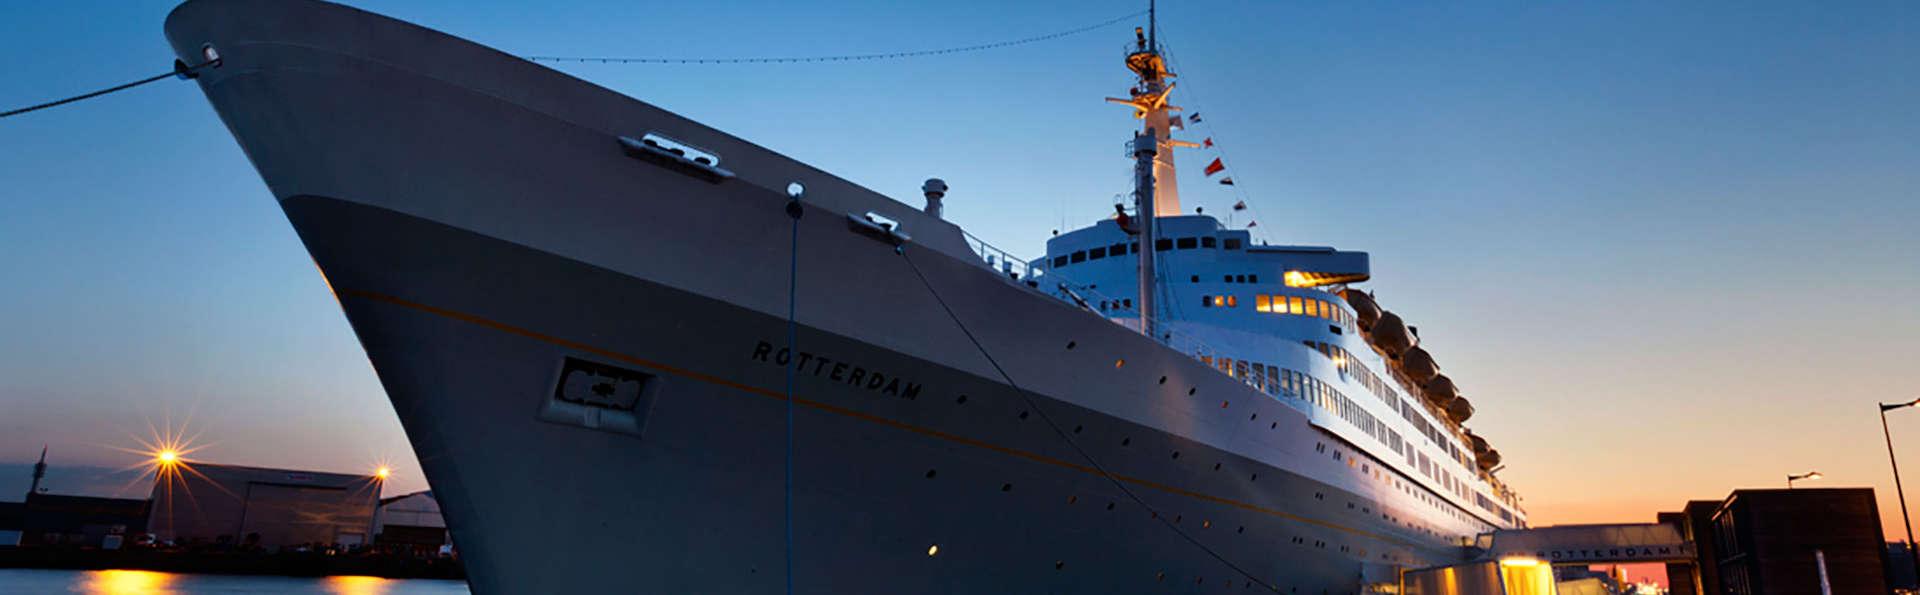 Luxe, comfort en gastvrijheid op een voormalig cruiseschip in Rotterdam